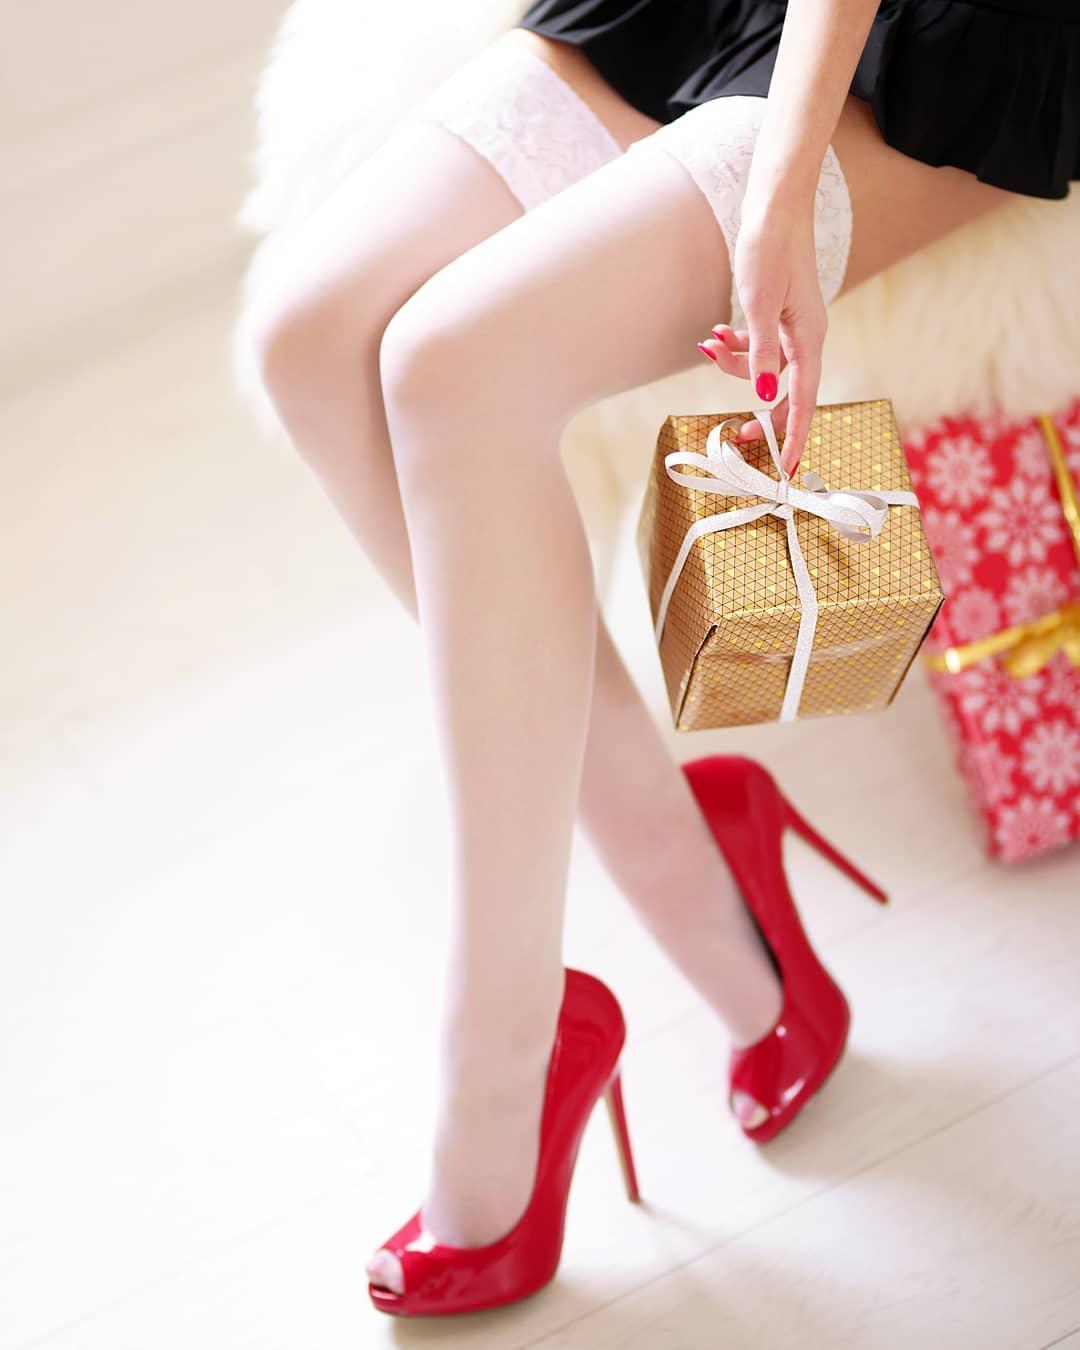 ariestre_exclusive_75341361_513022342890048_5863890953143111842_n.jpg